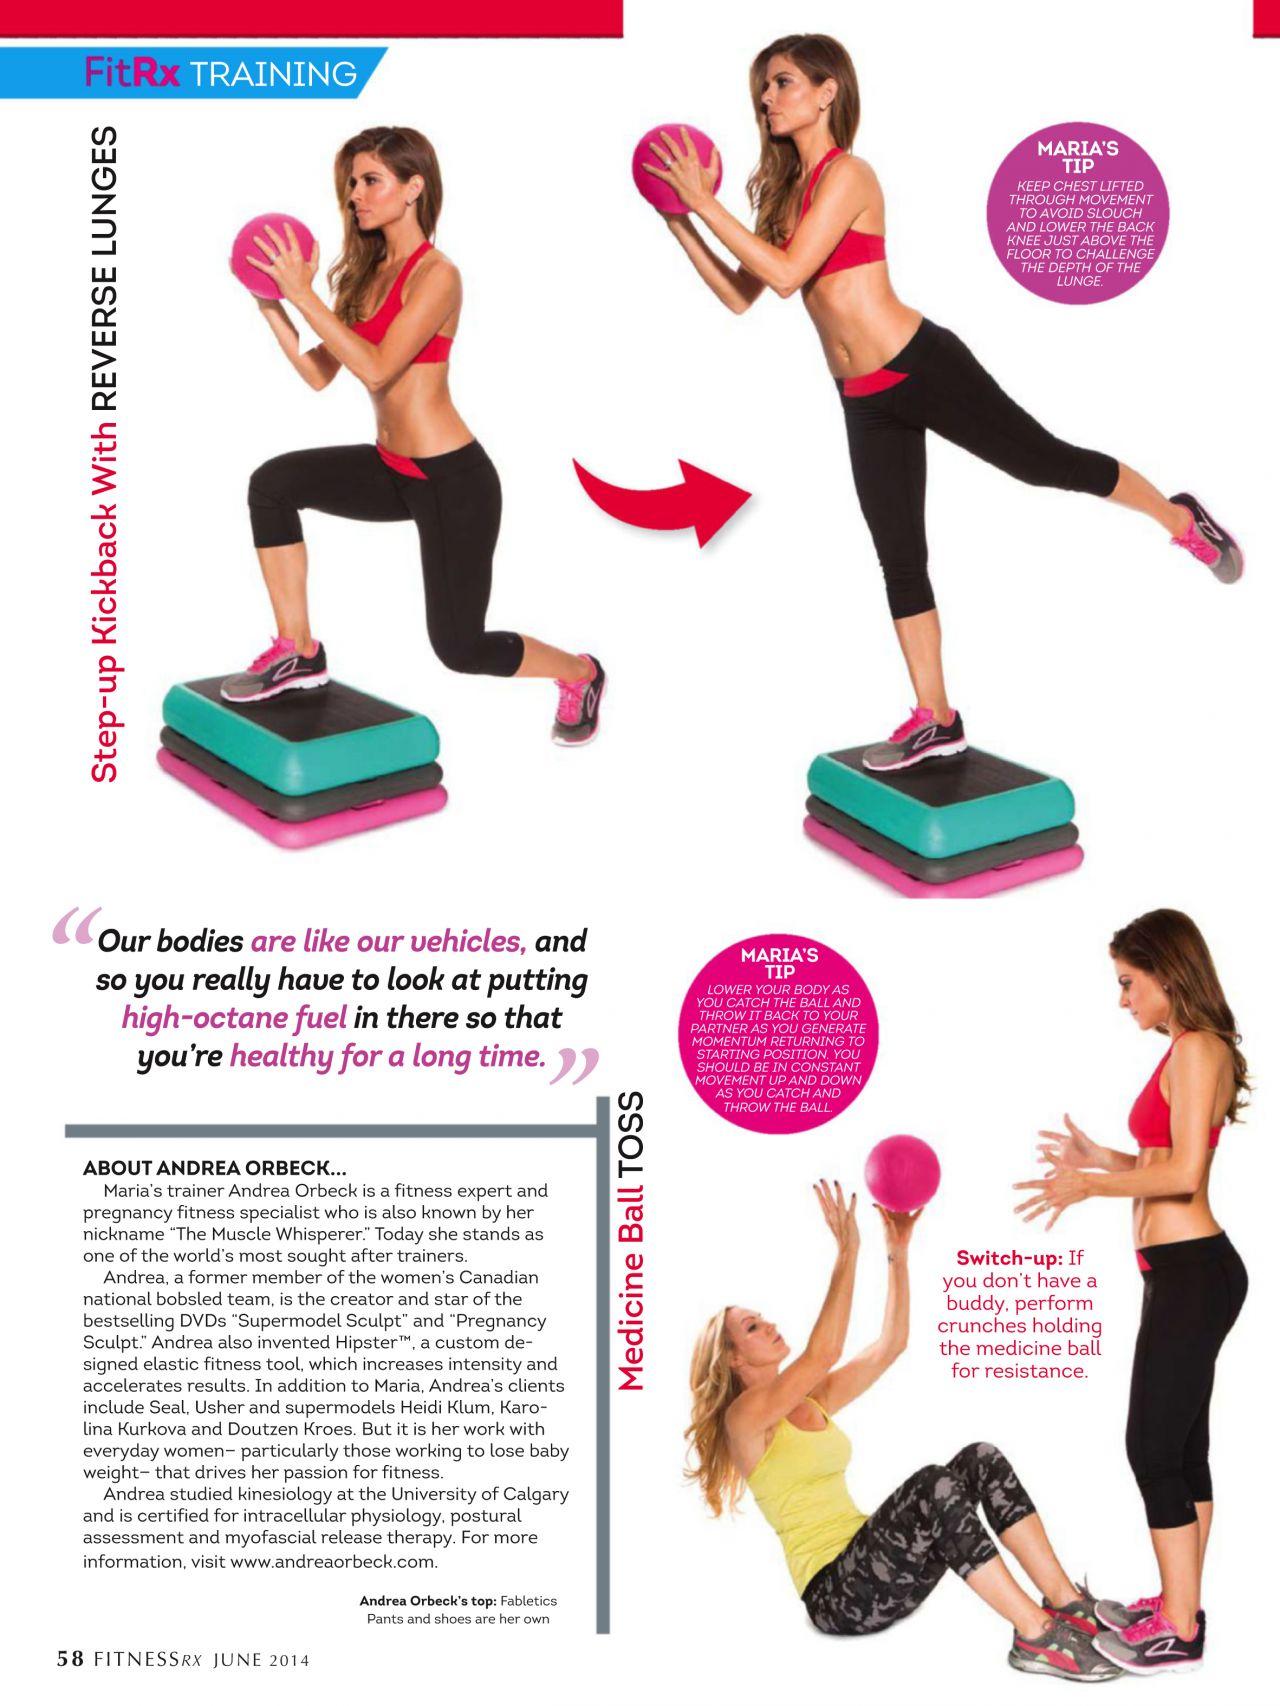 Система упражнений для беременных андреа орбек